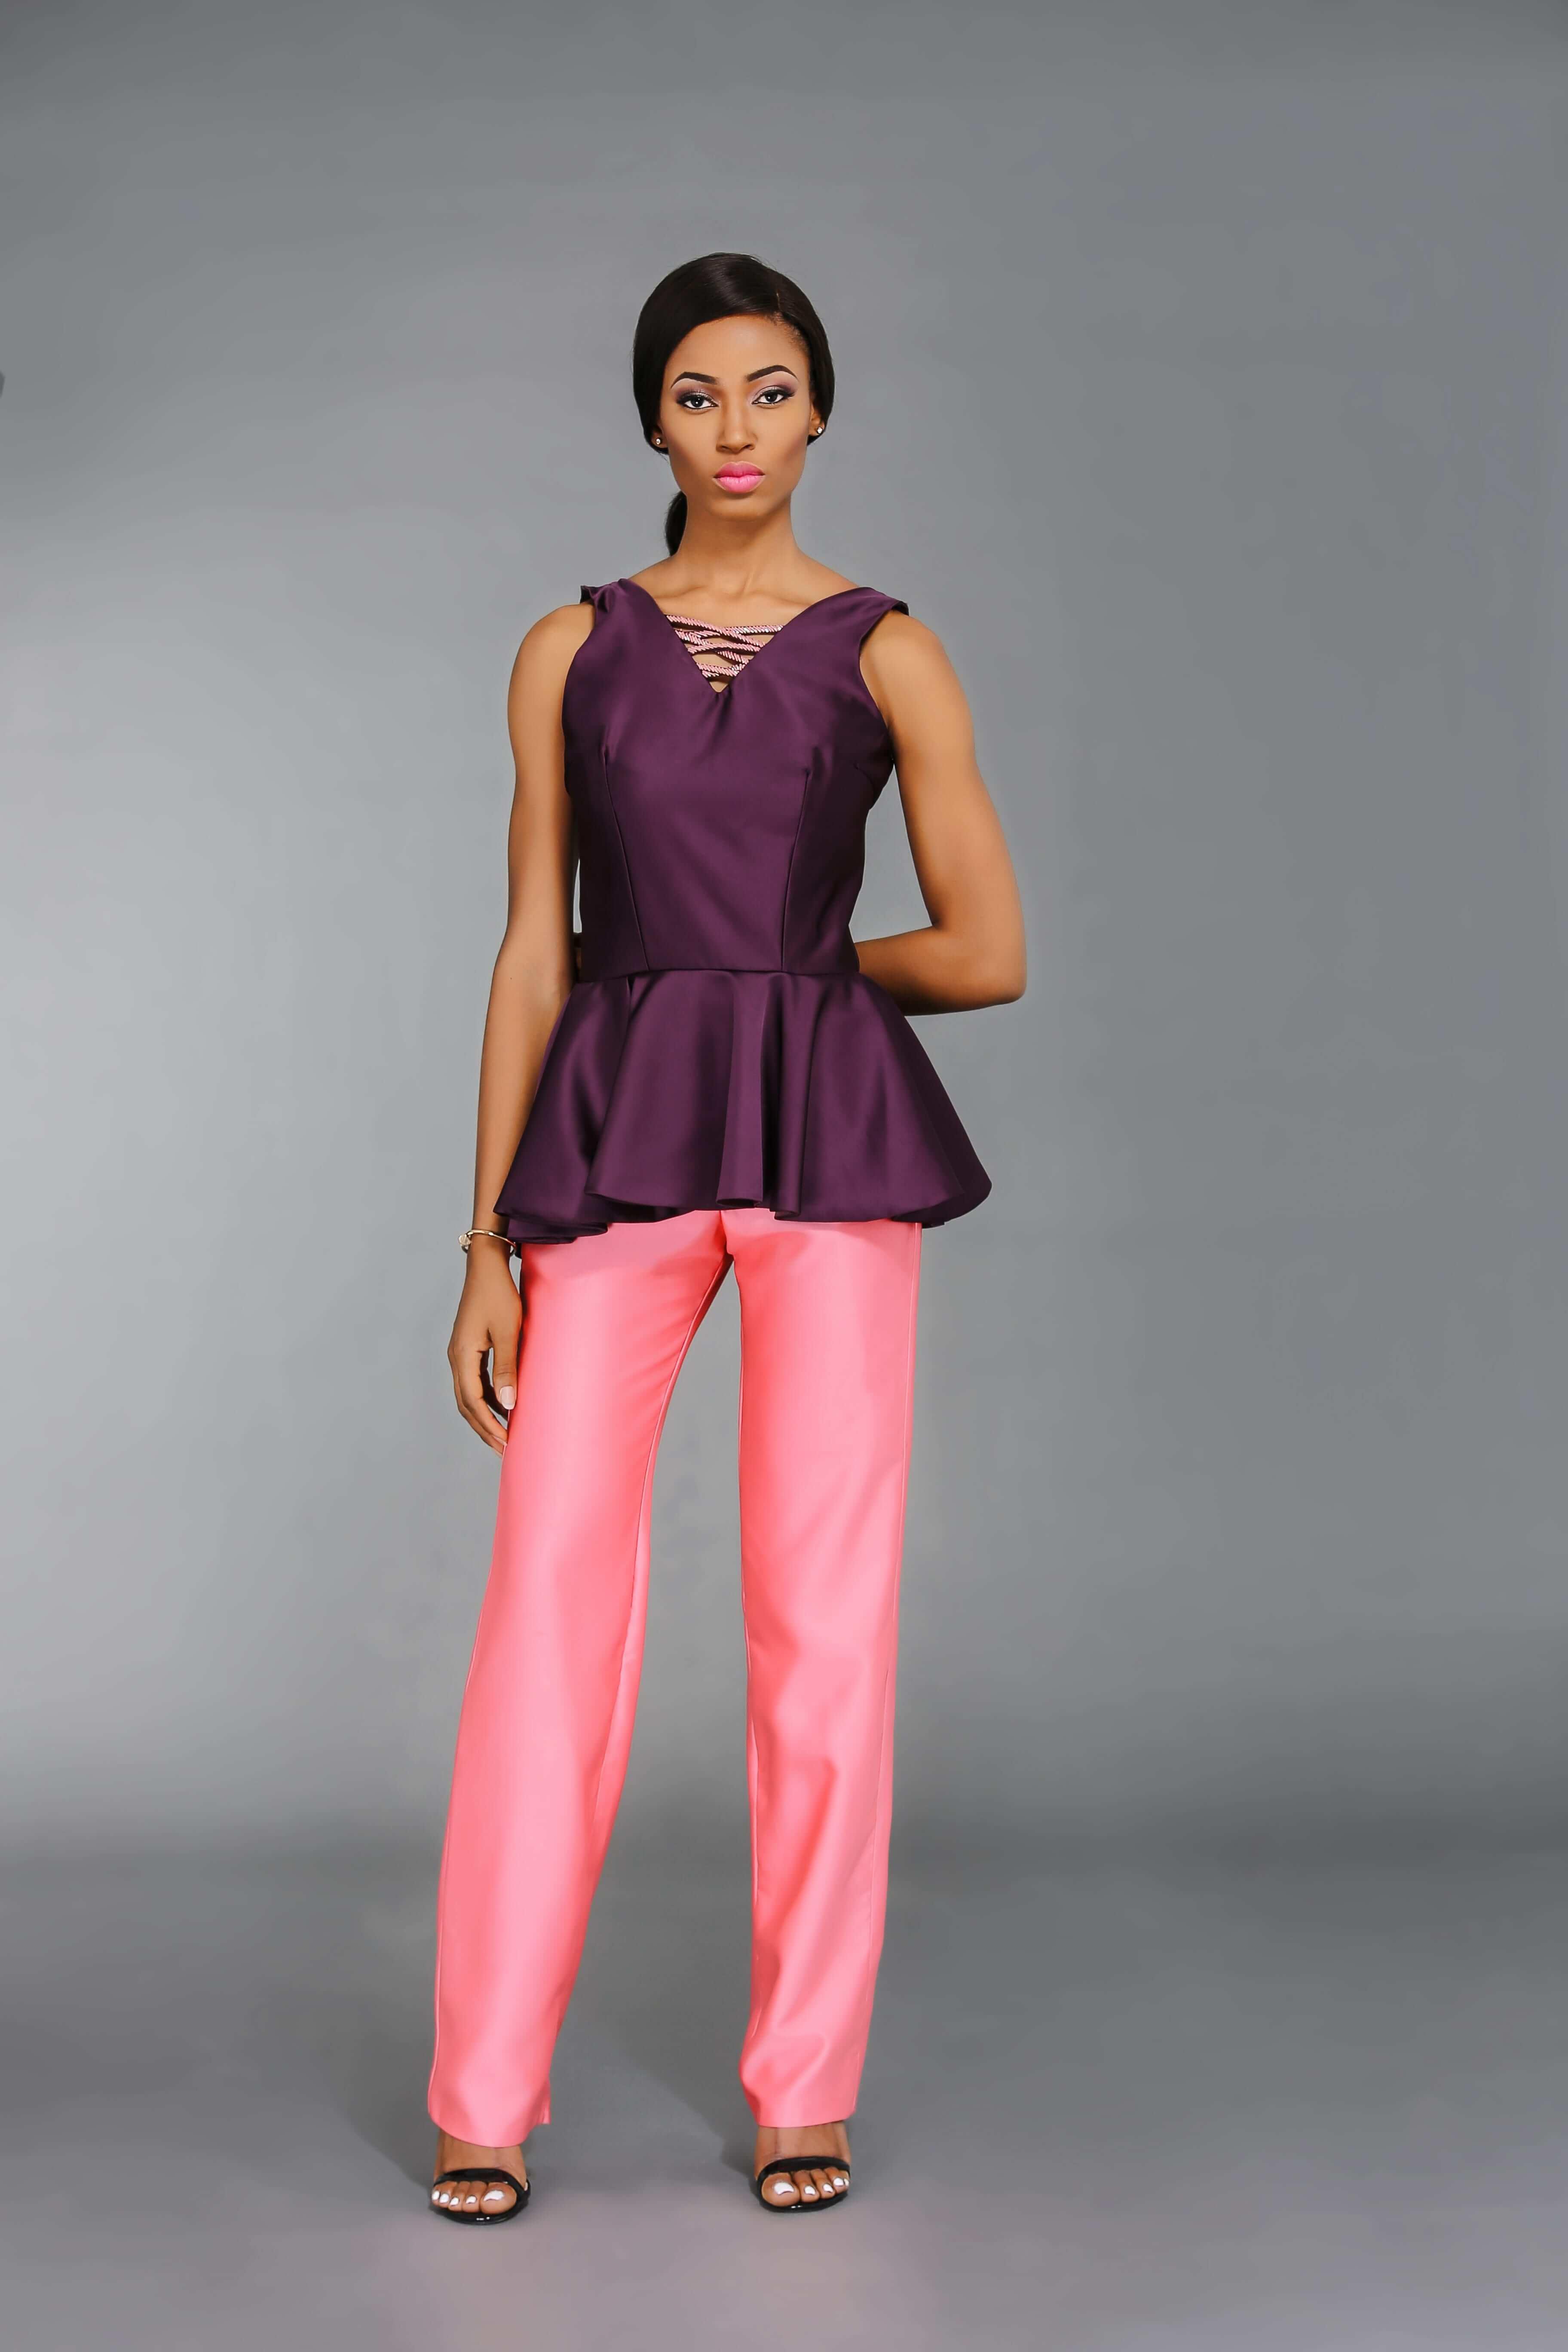 robe africaine moonlook SS15a7-min